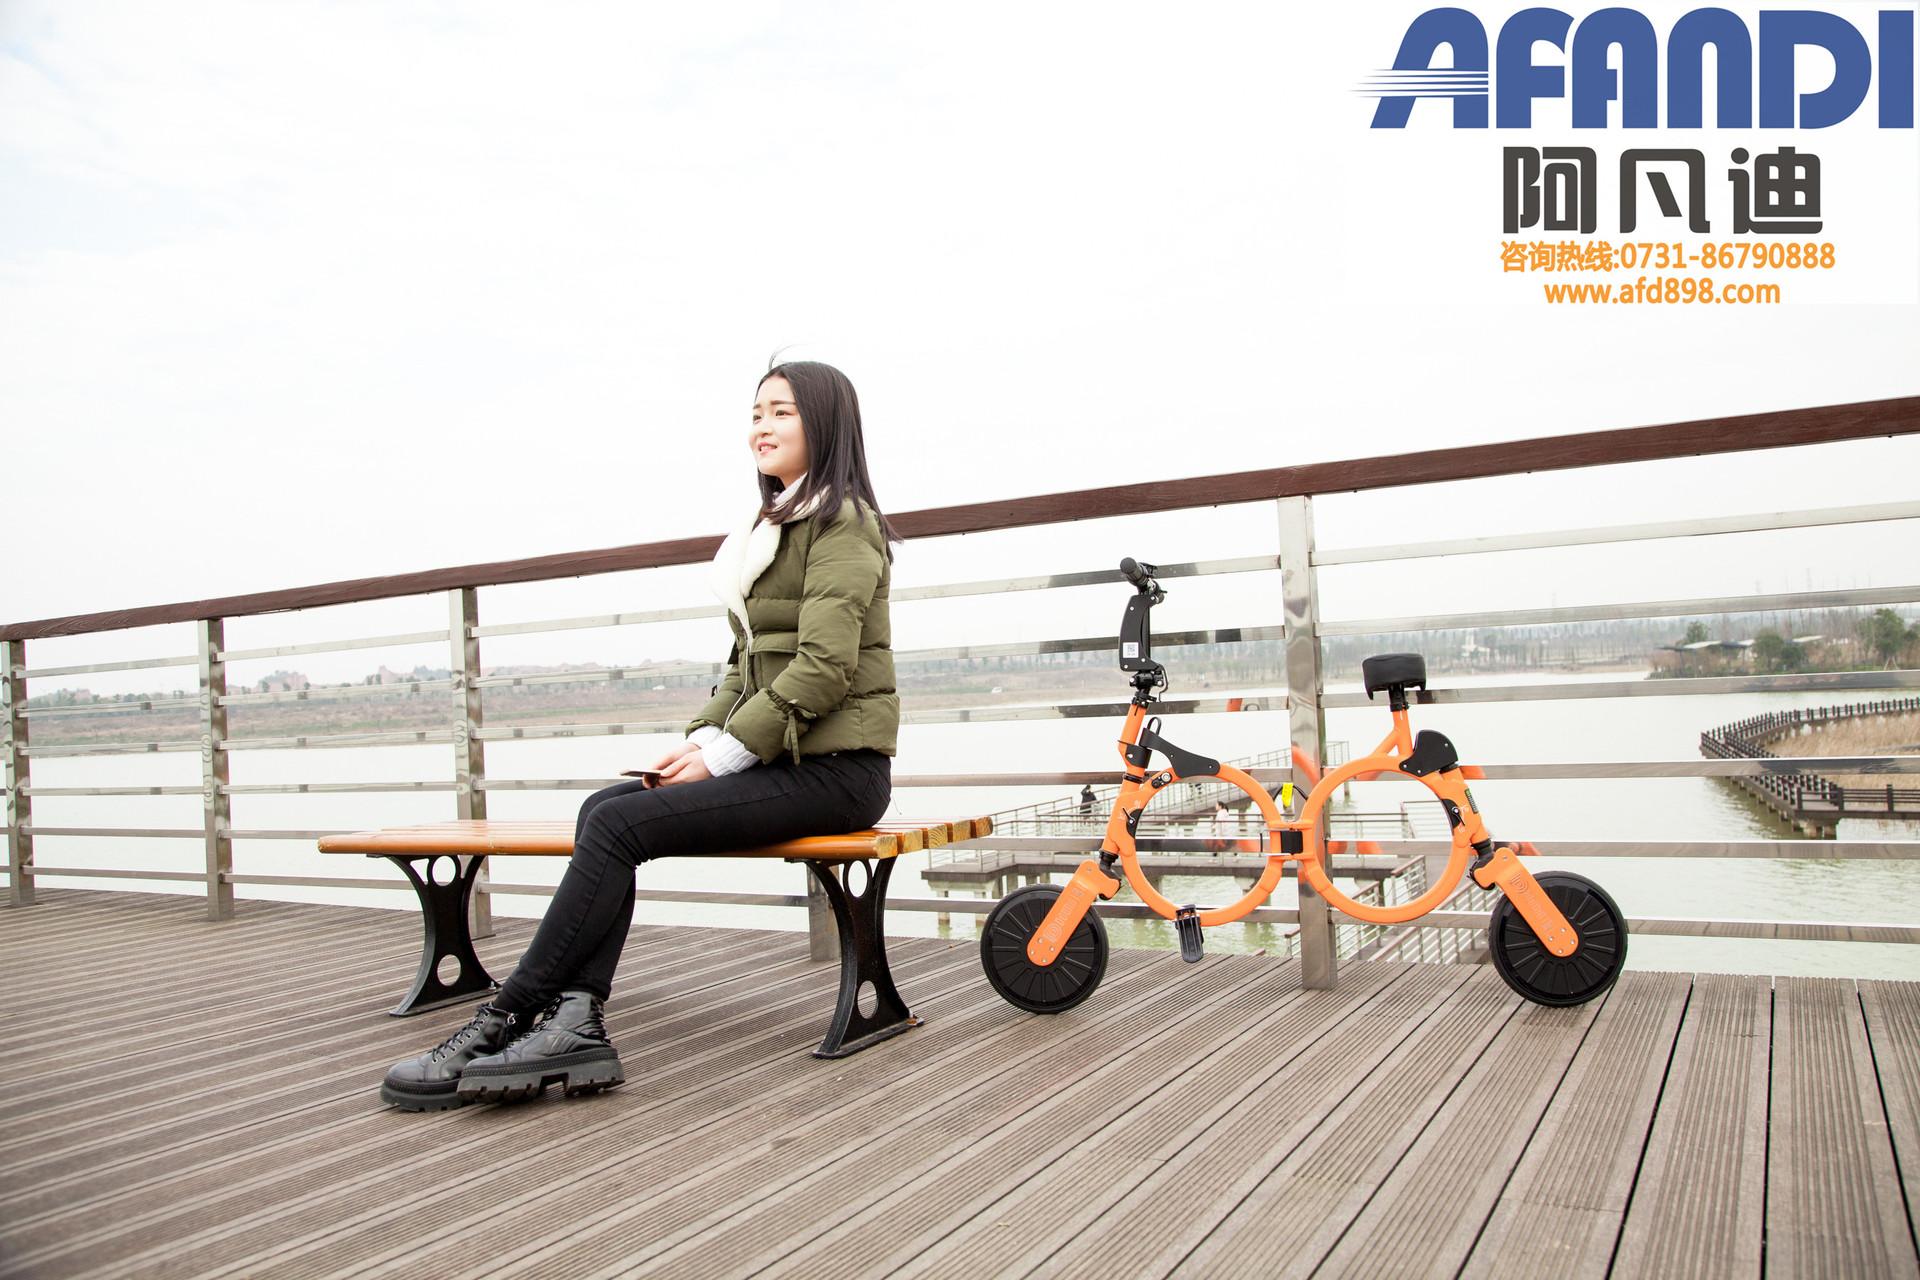 宁德市阿凡迪电动滑板车简易款电动